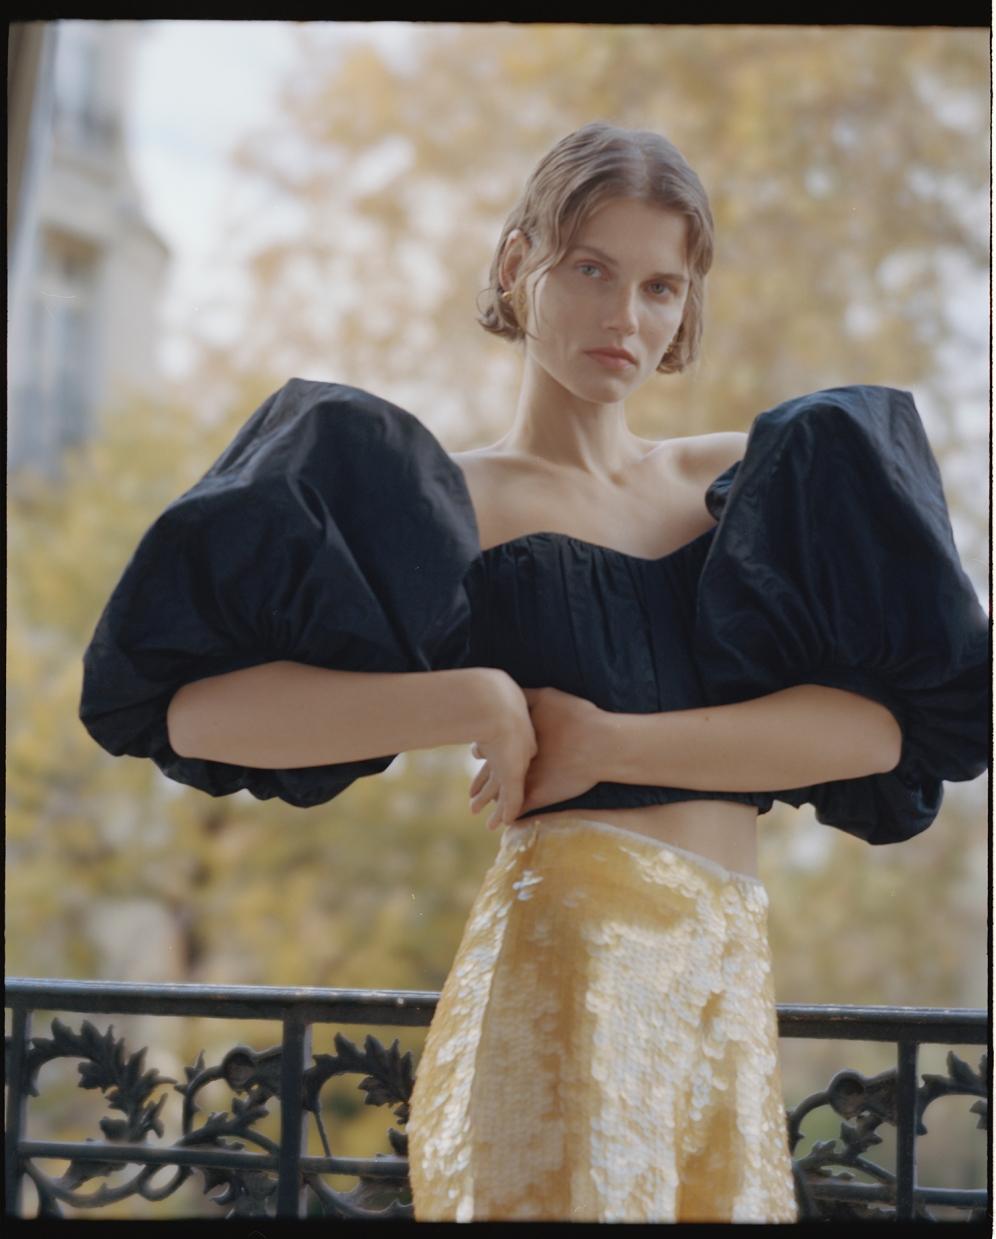 Giedre Dukauskaite in Paris